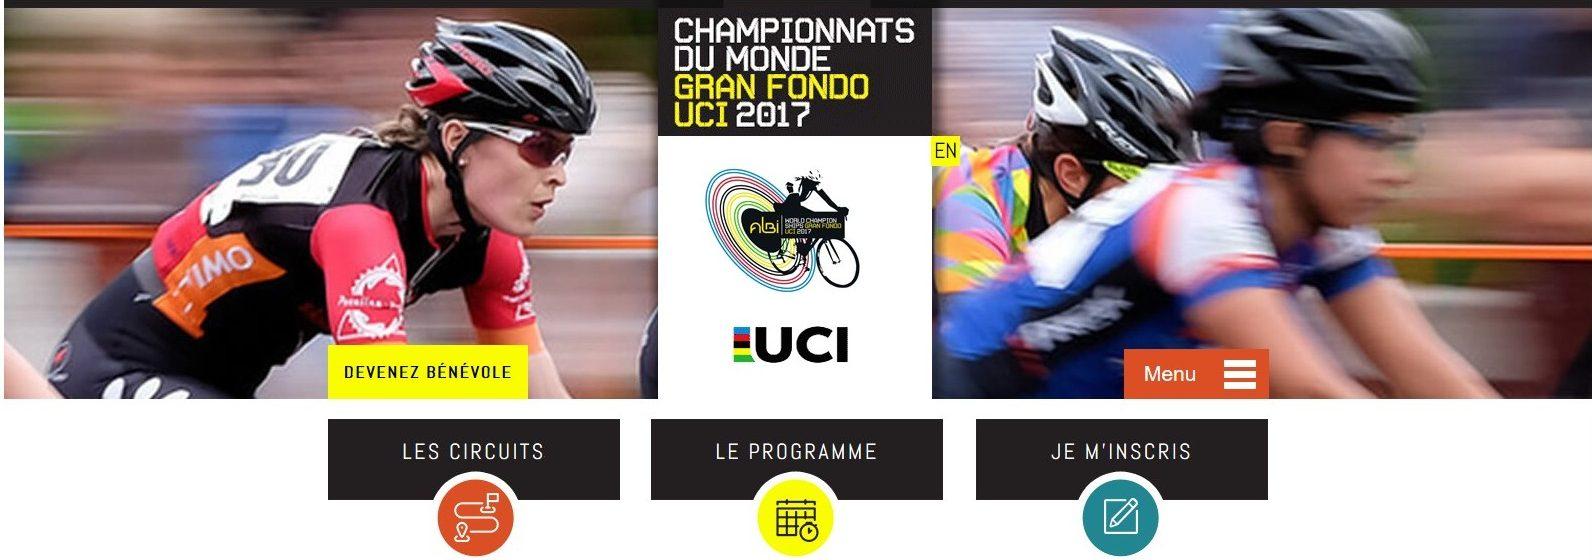 Championnats du Monde de Vélo, Albi août 2017